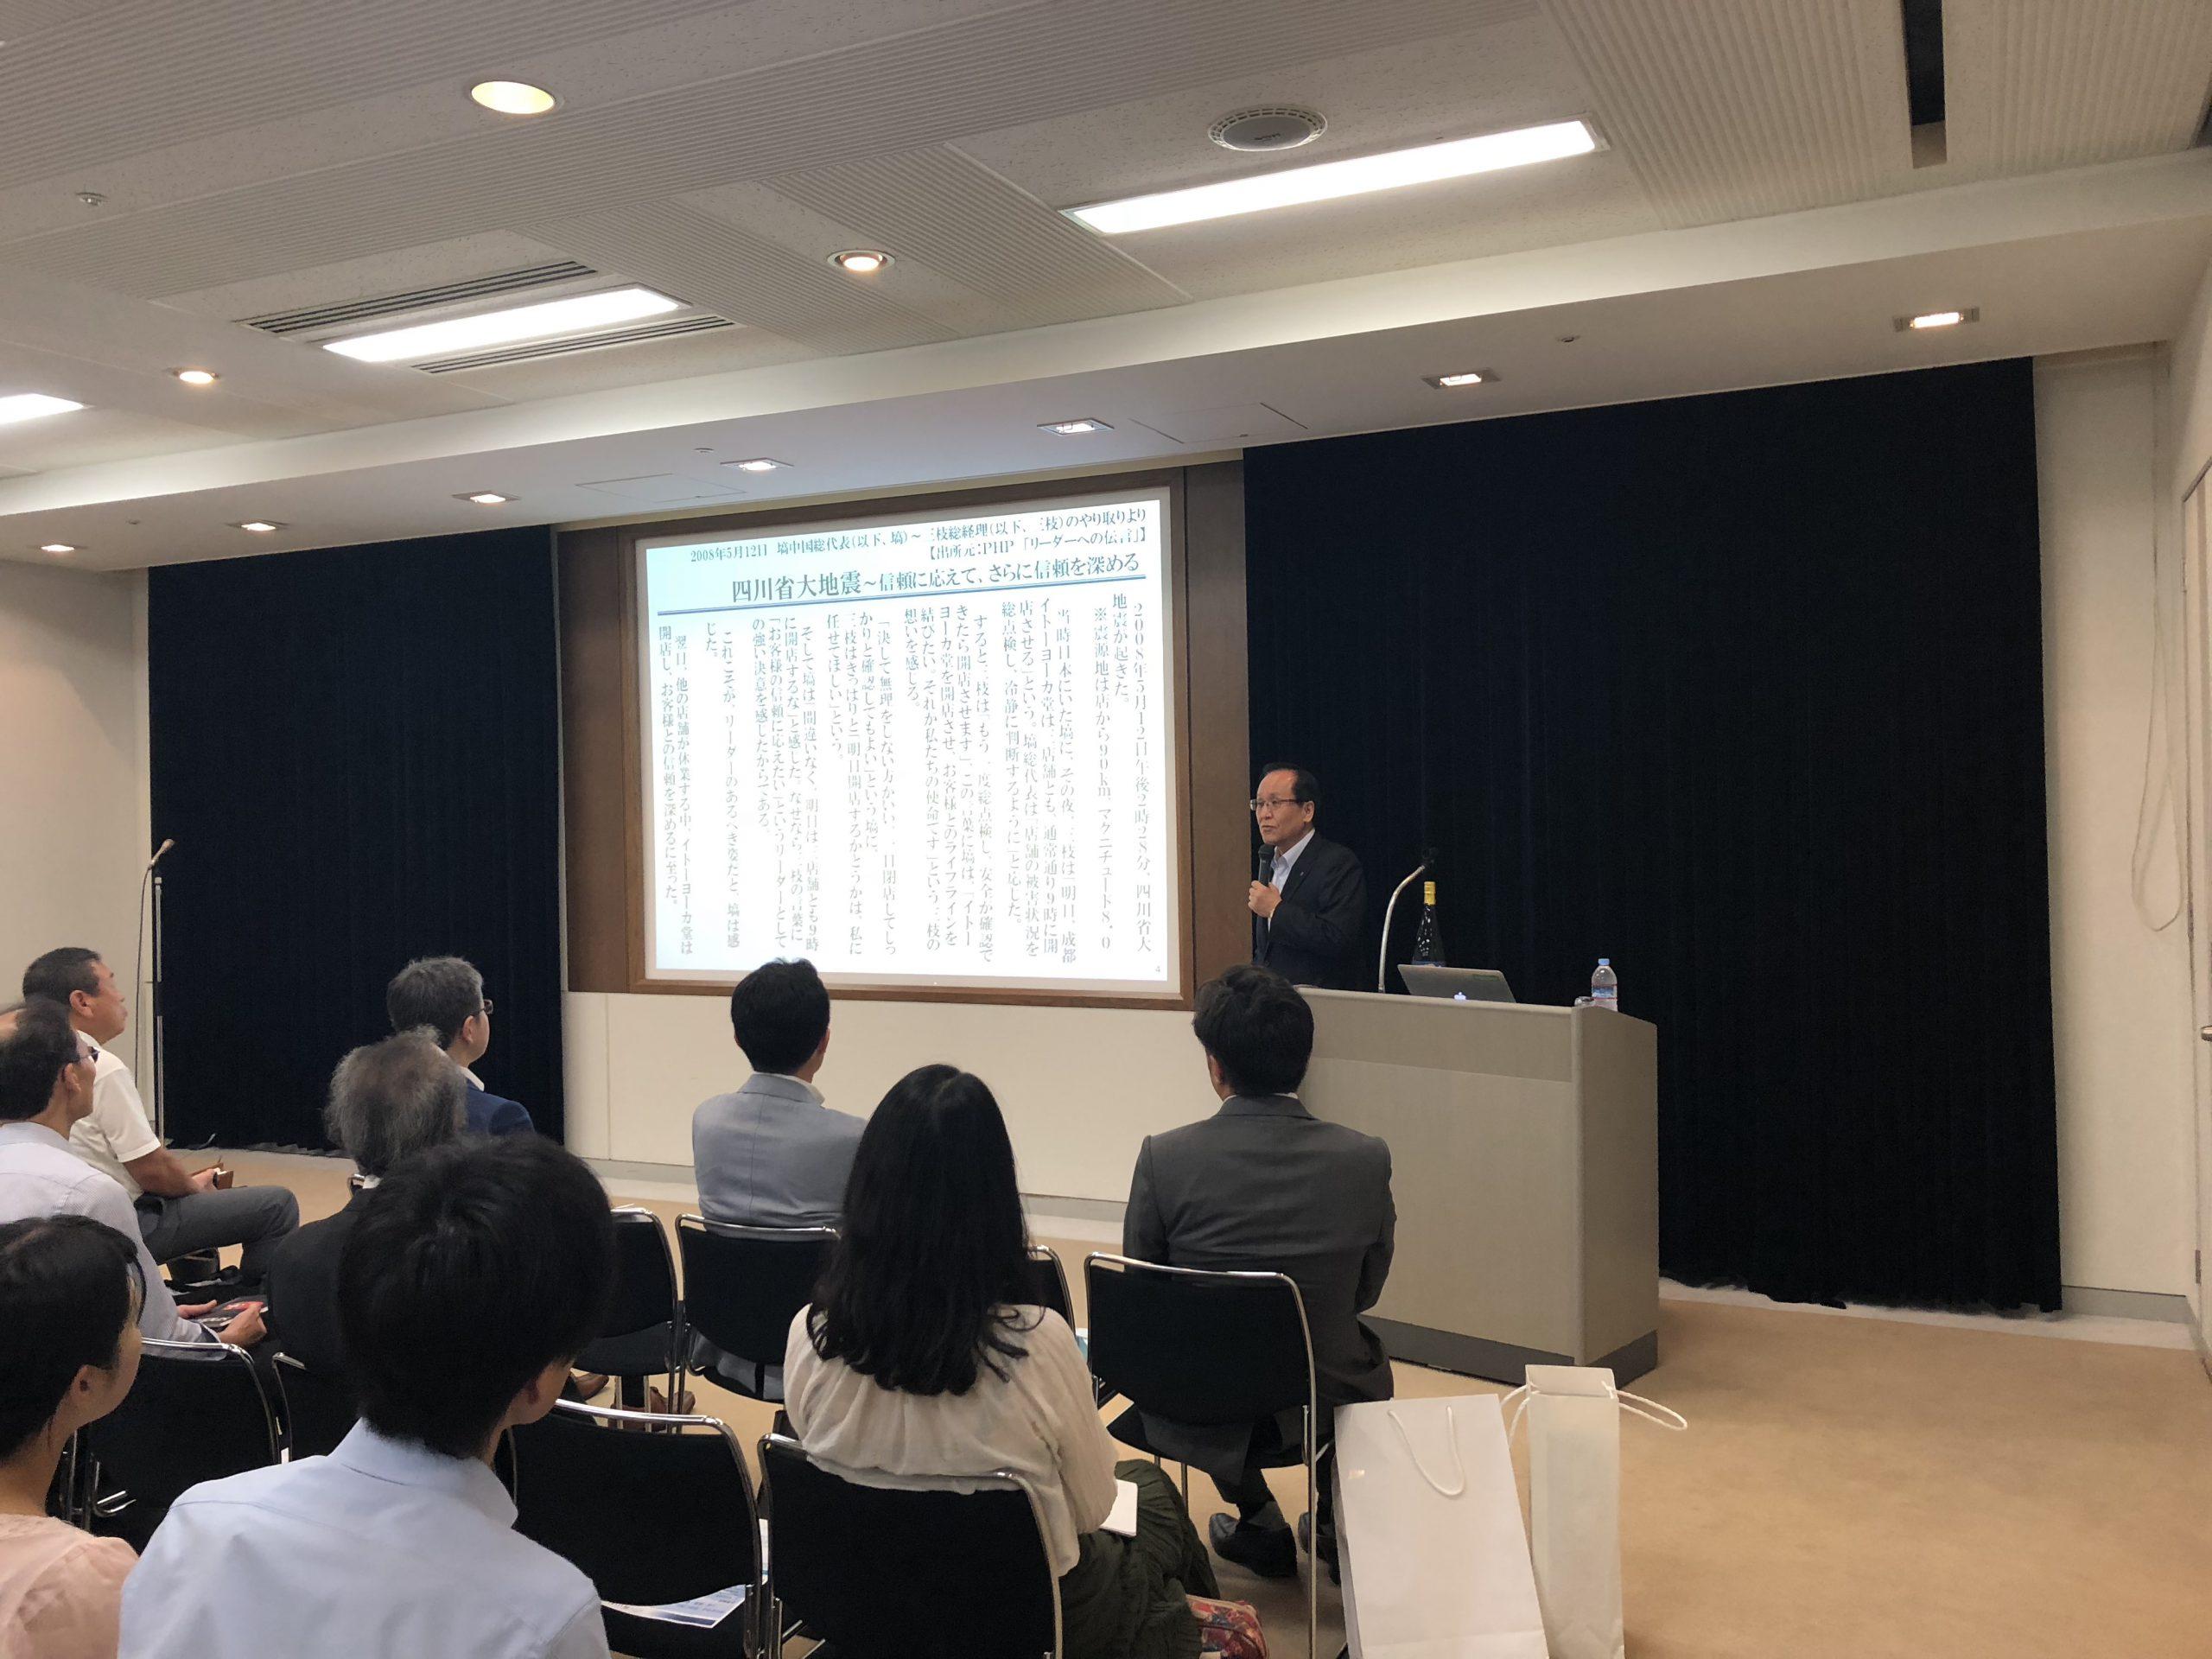 第42回 (株)イトーヨーカ堂 代表取締役社長  三枝富博 氏による講演会を開催(2018/6/27)